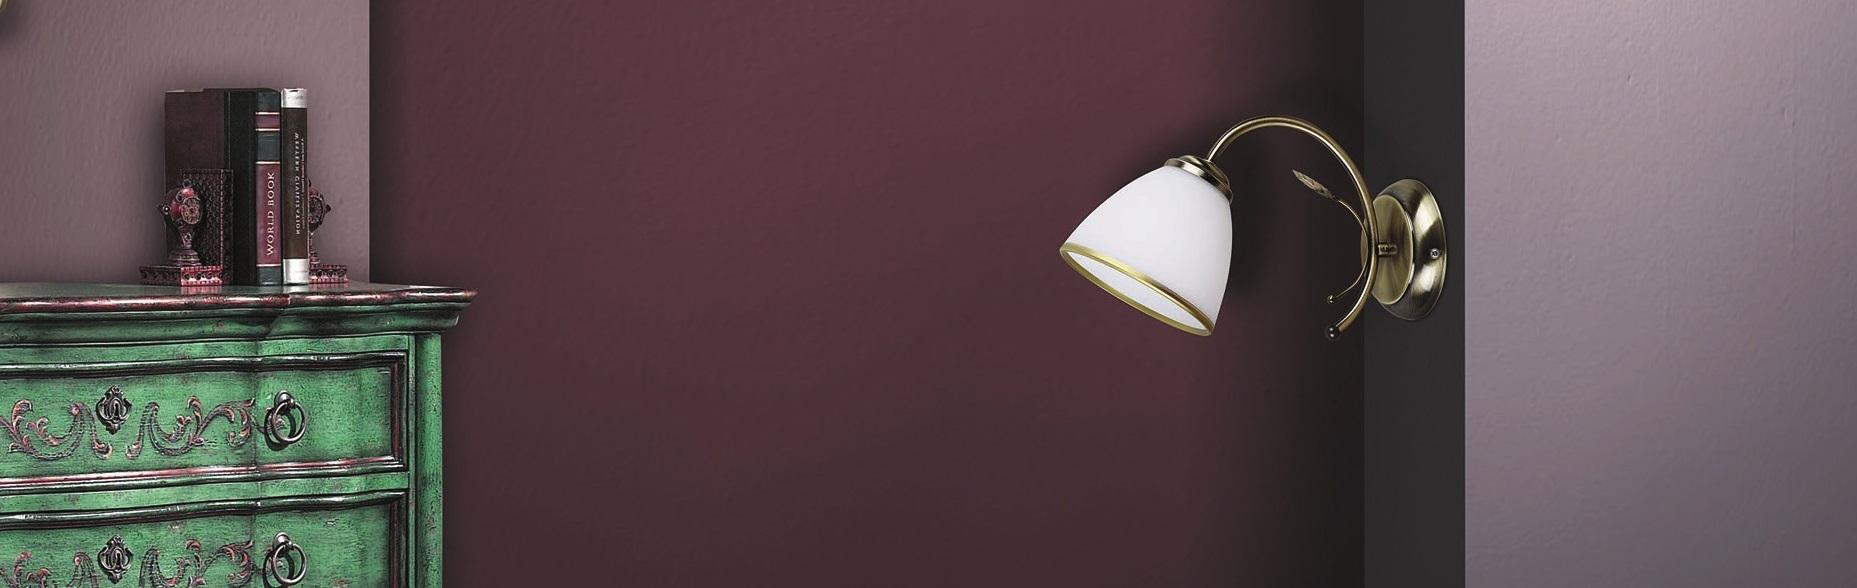 RABALUX 2778 Aletta nástěnné svítidlo nejen do obýváku